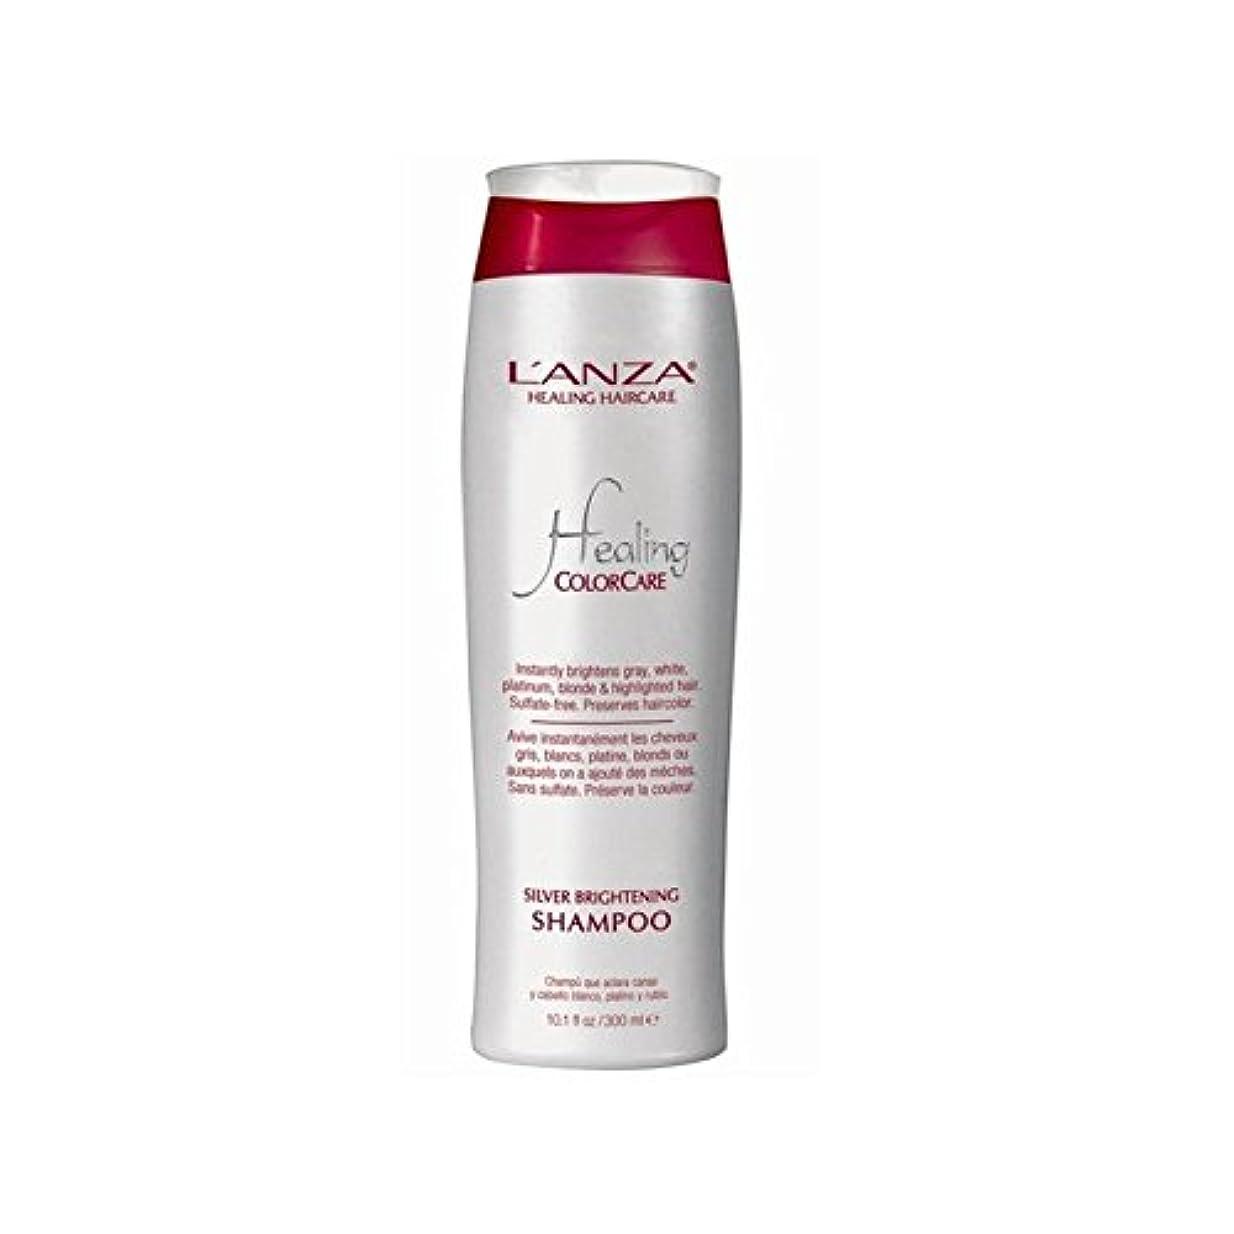 デジタル擬人化バージンL'Anza Healing Colorcare Silver Brightening Shampoo (300ml) - 銀光沢シャンプーを癒し'アンザ(300ミリリットル) [並行輸入品]